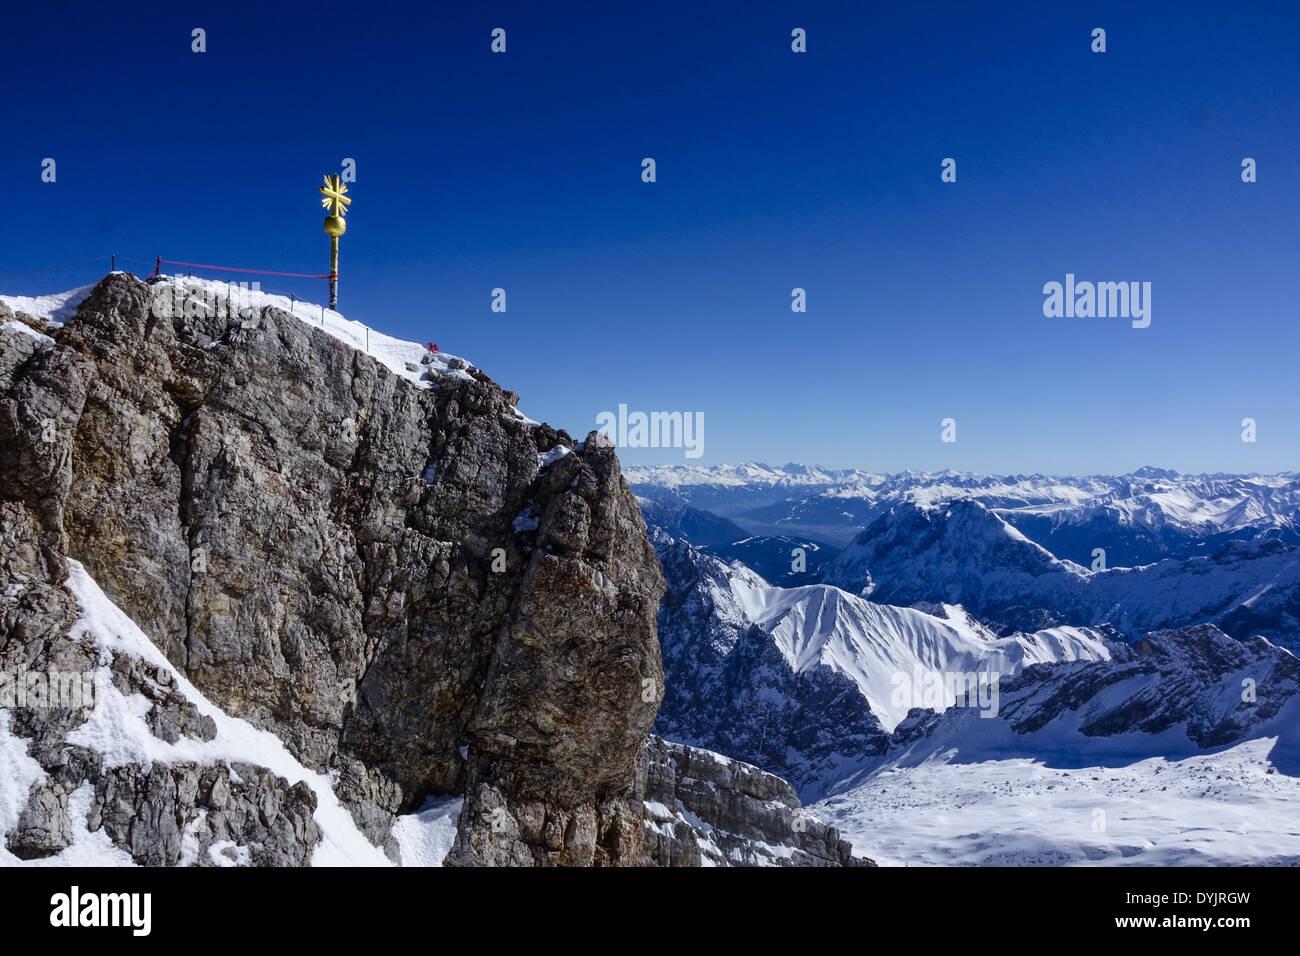 Blick von der Zugspitze, dem höchsten Berg Deutschlands auf die Alpen - Stock Image